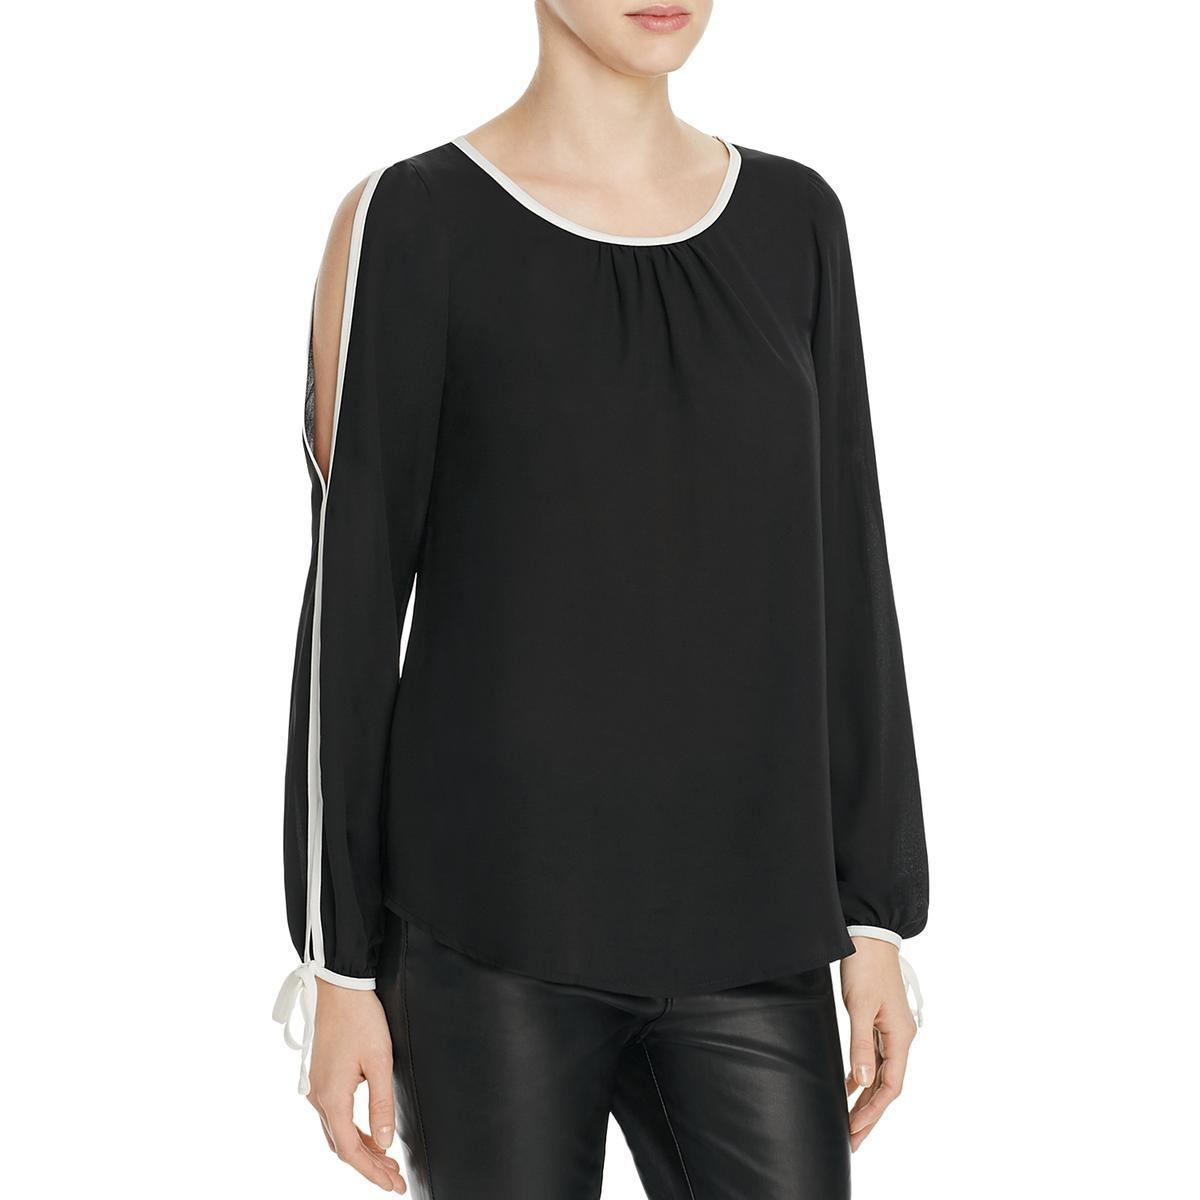 3a1464cac8af4c Lyst - Bobeau Womens Denver Contrast Trim Cold Shoulder Blouse in Black